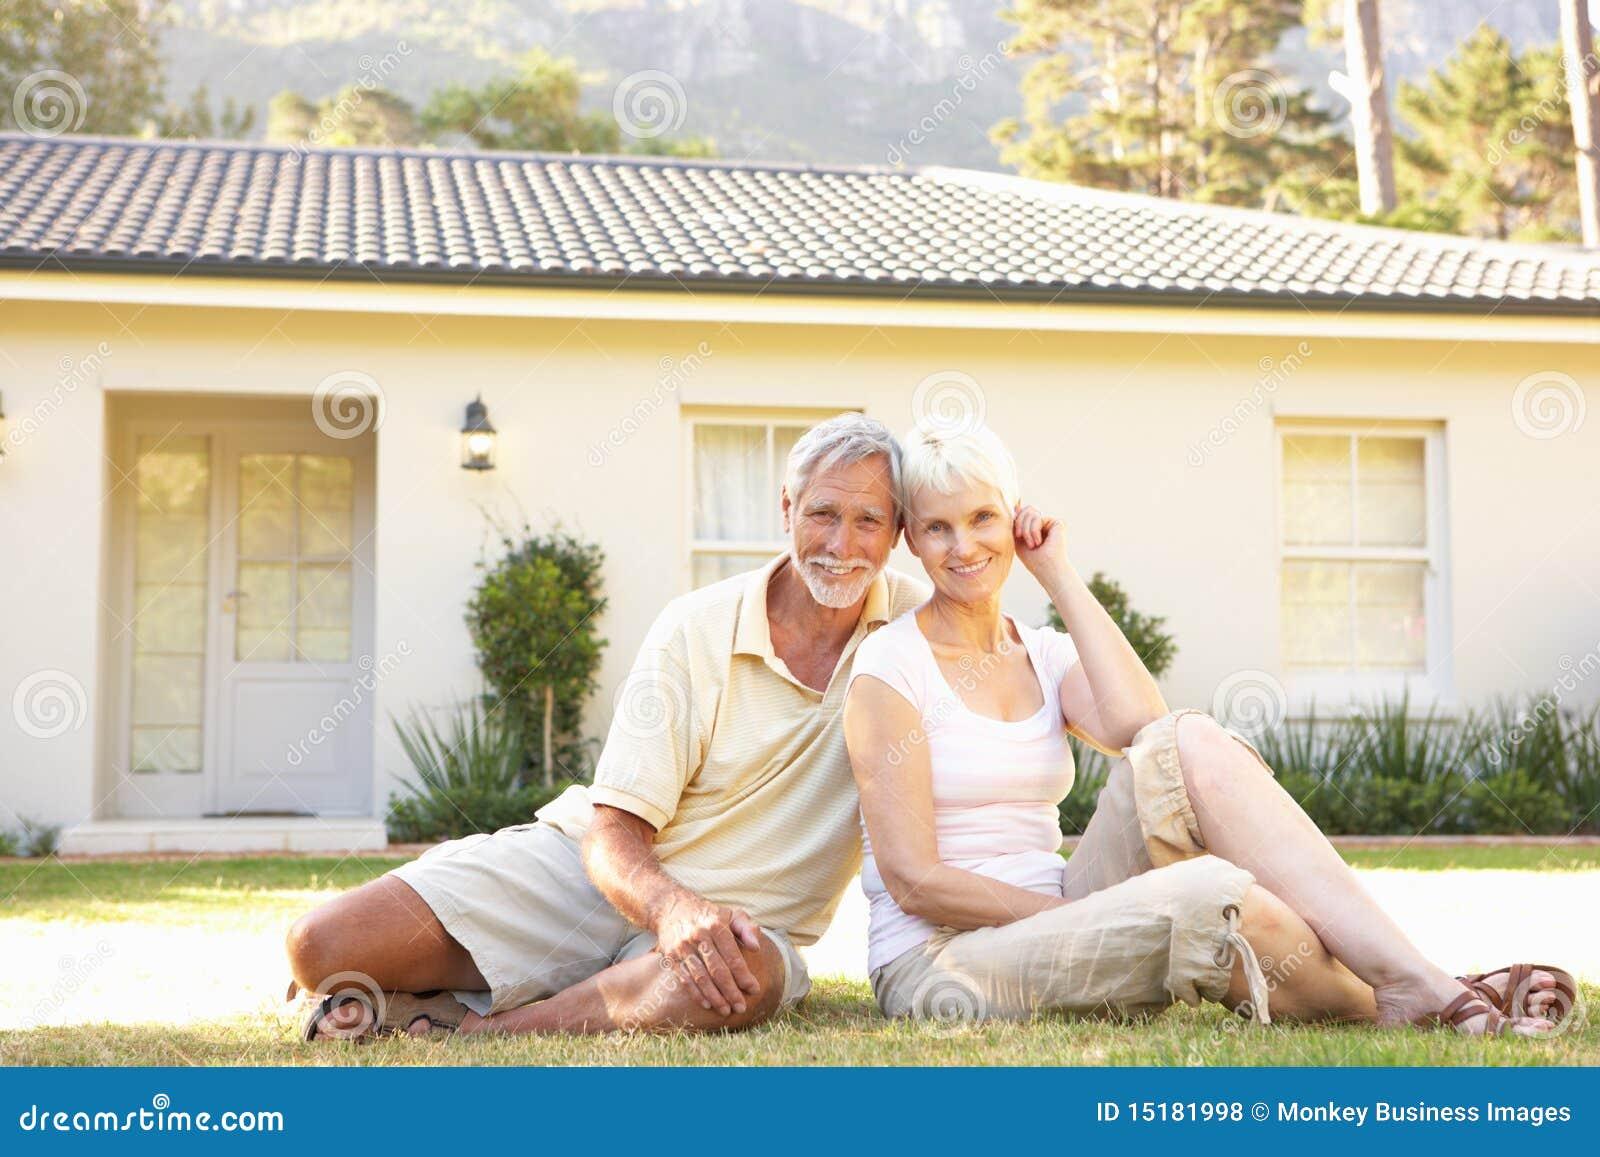 Пожилые супруги домашнее видео думаю